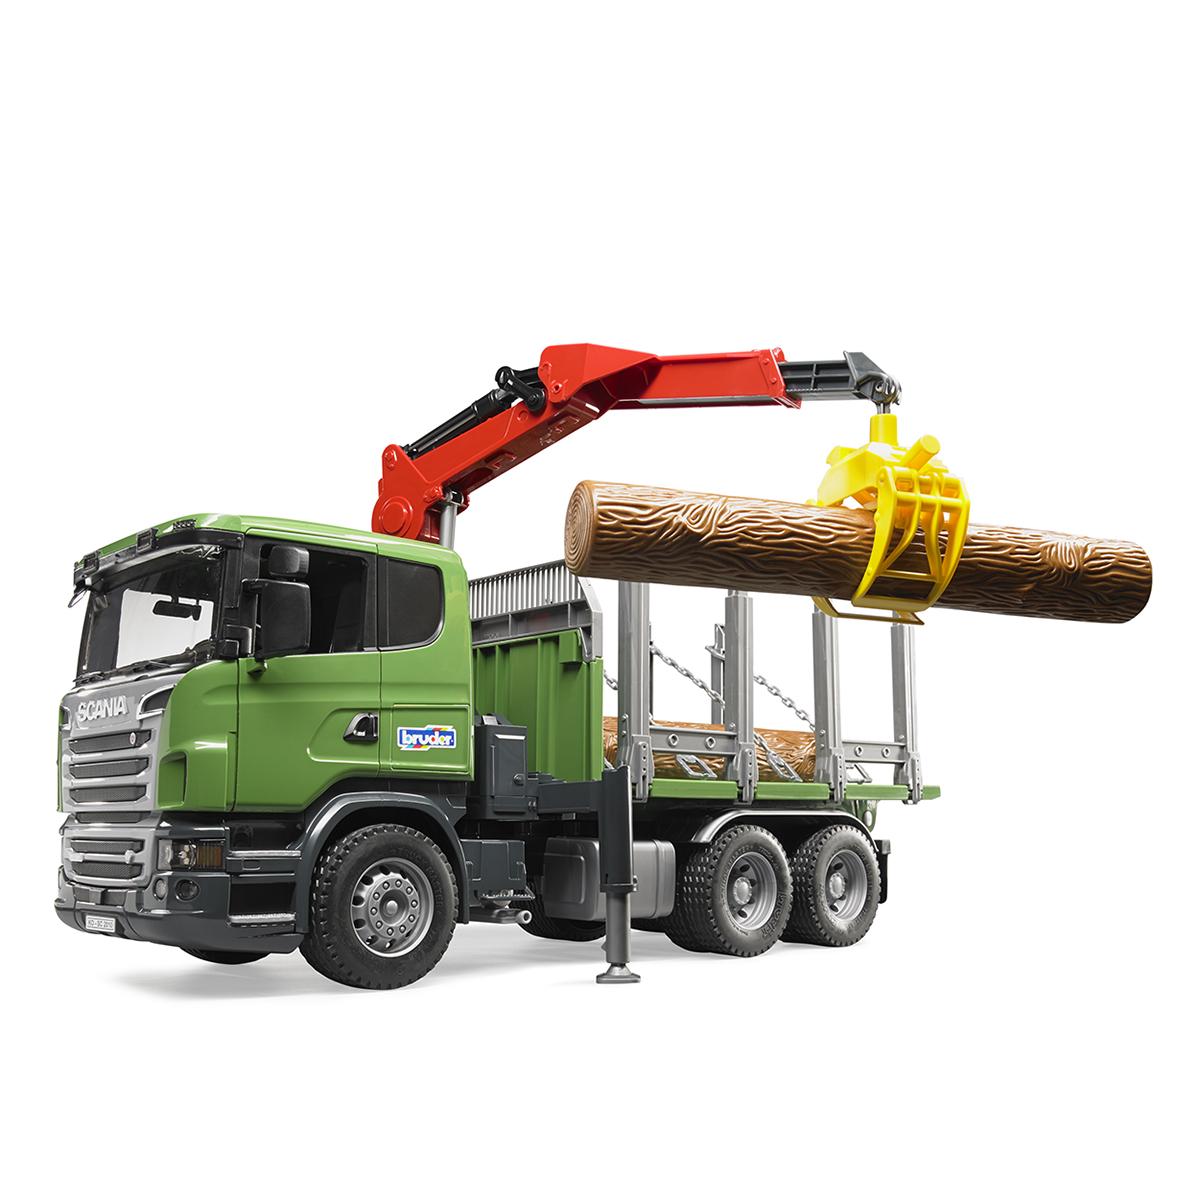 Купить 03-524, Лесовоз Bruder Scania с портативным краном и брёвнами (подходит модуль со звуком и светом H ), Мужской (shop: GulliverMarket Gulliver Market)